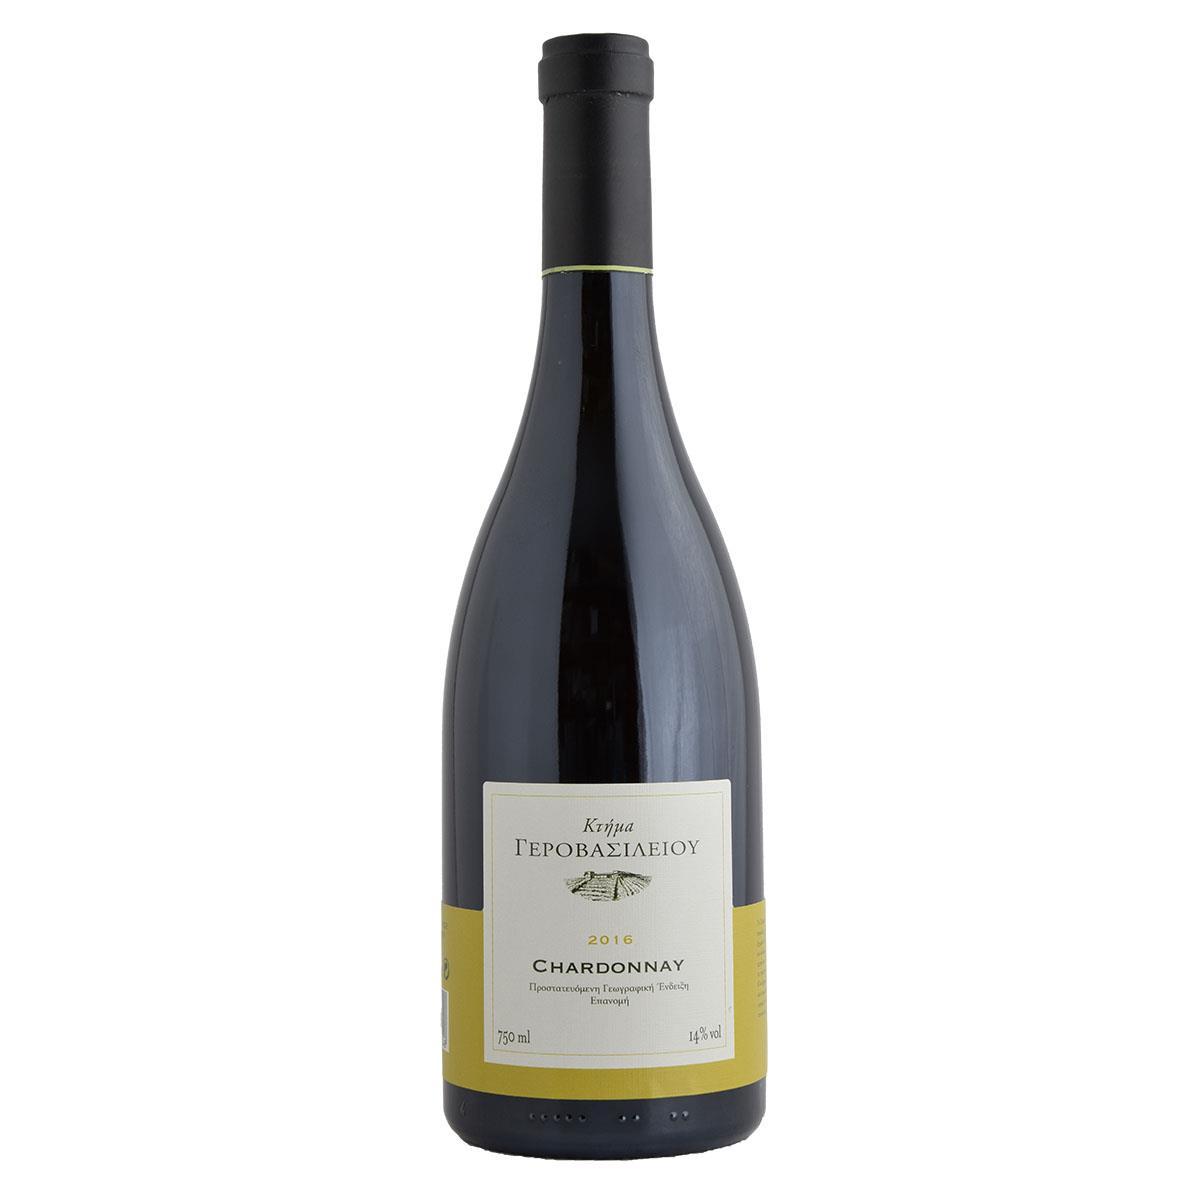 Γεροβασιλείου Chardonnay 750ml Λευκό